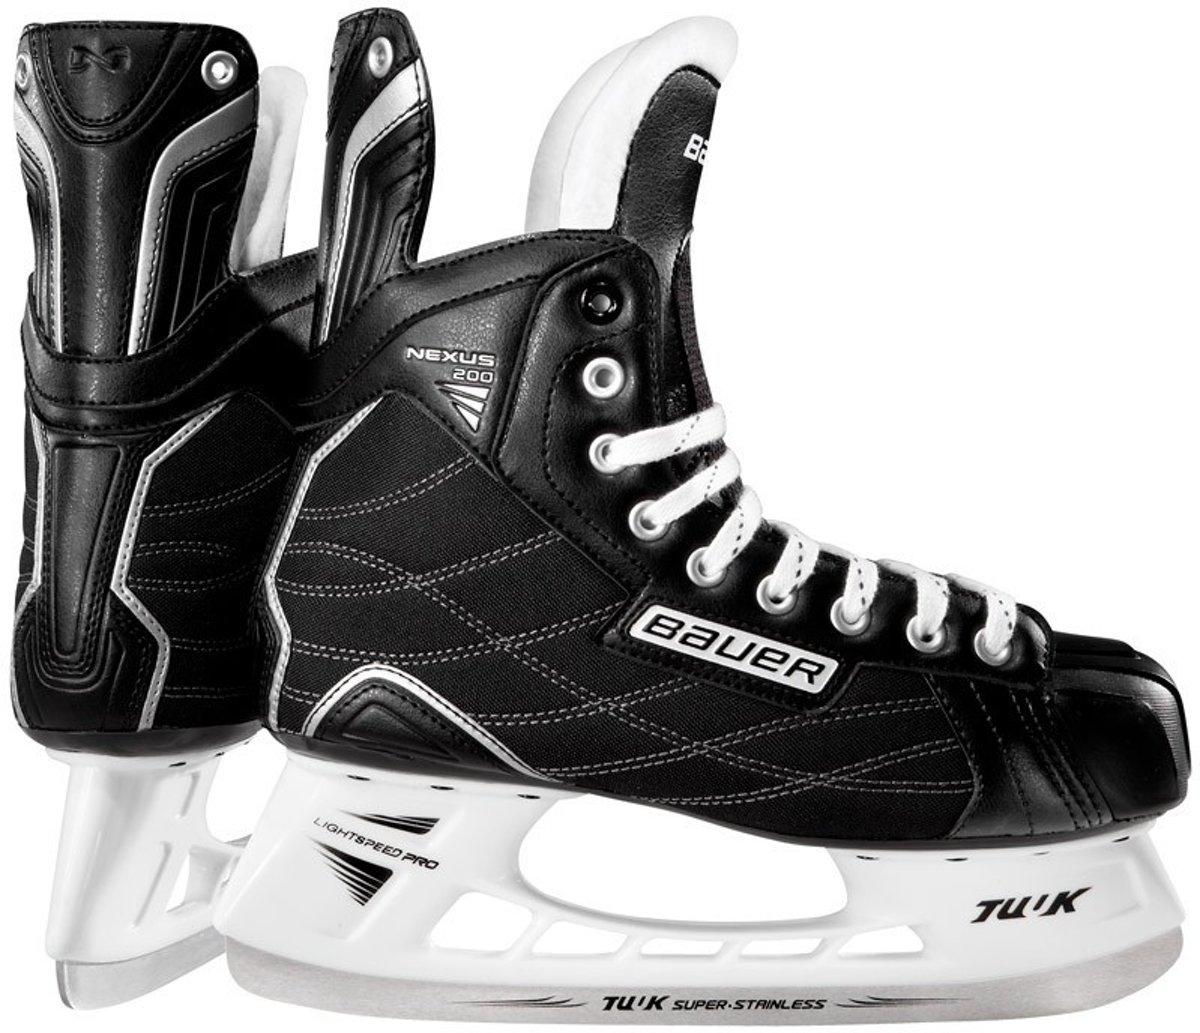 IJshockeyschaats Bauer NEXUS 200 Maat 45,5